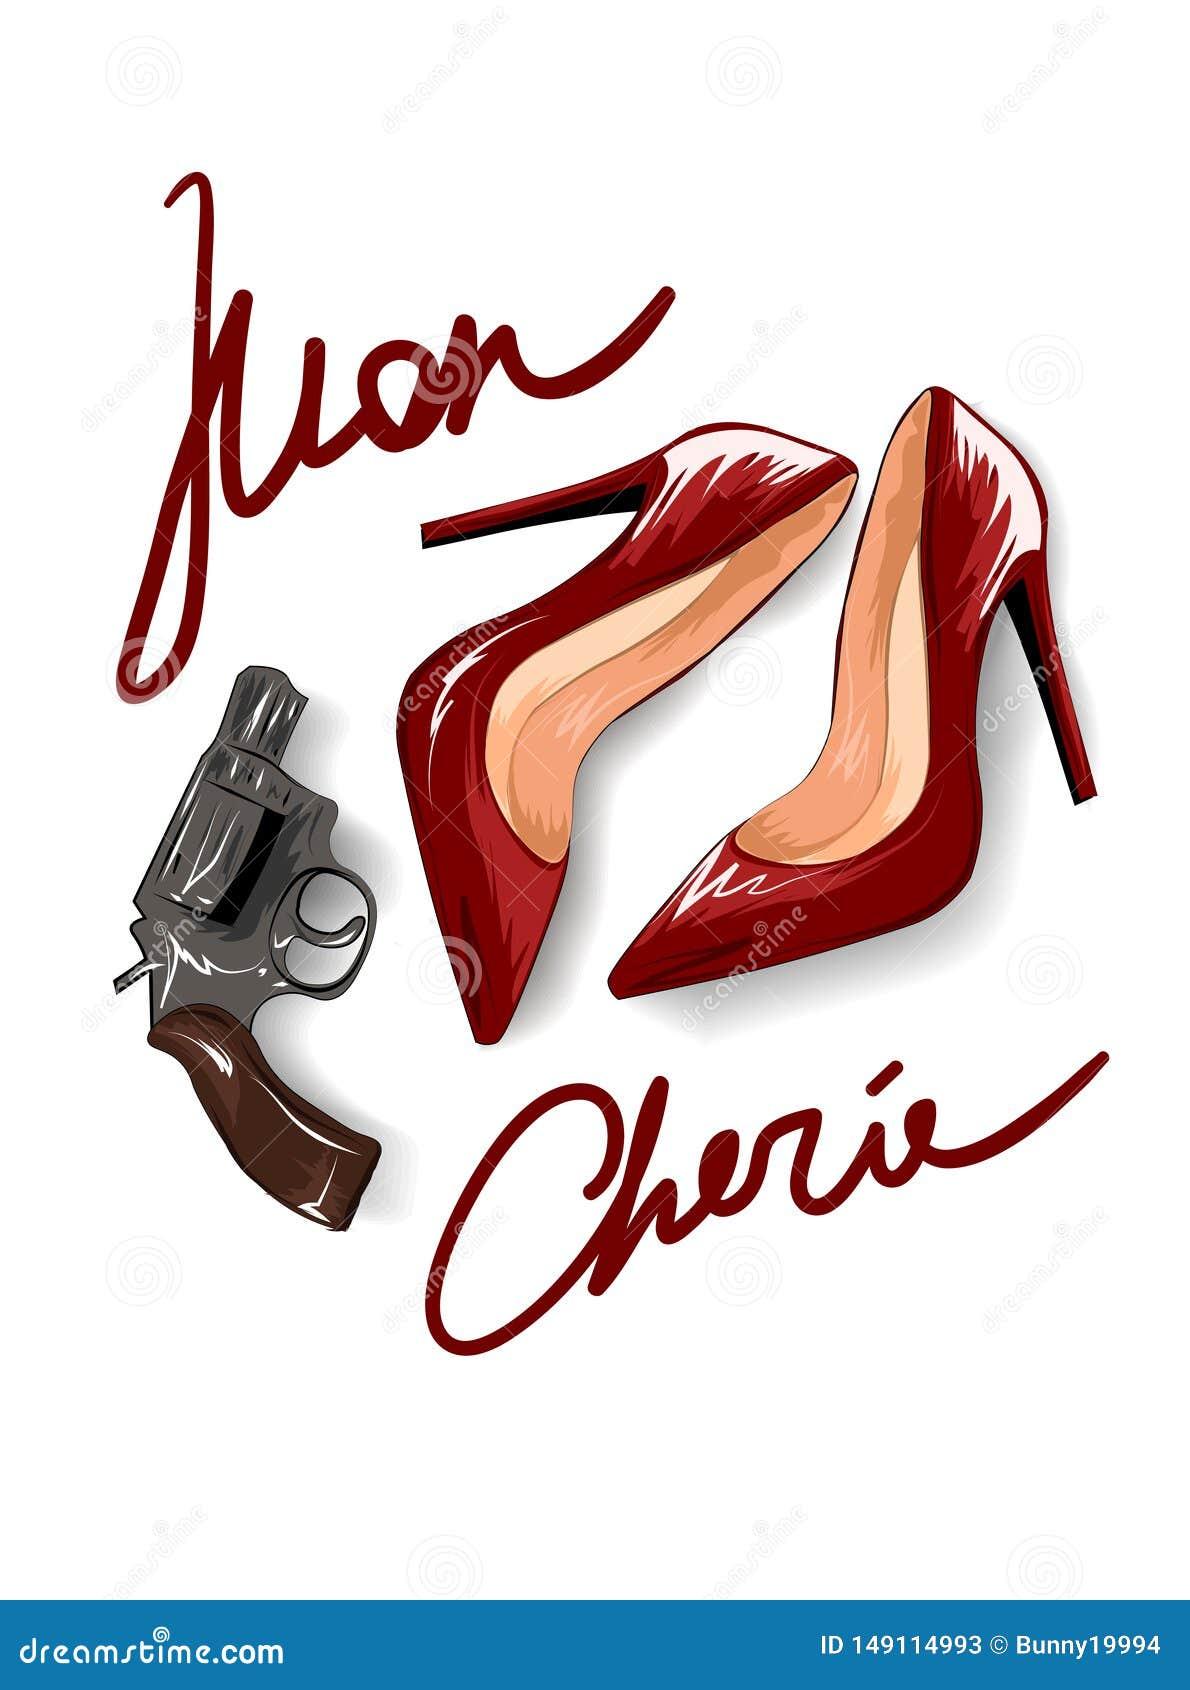 Σύνθημα Mon cherie με τα κόκκινα τακούνια και μια απεικόνιση πιστολιών